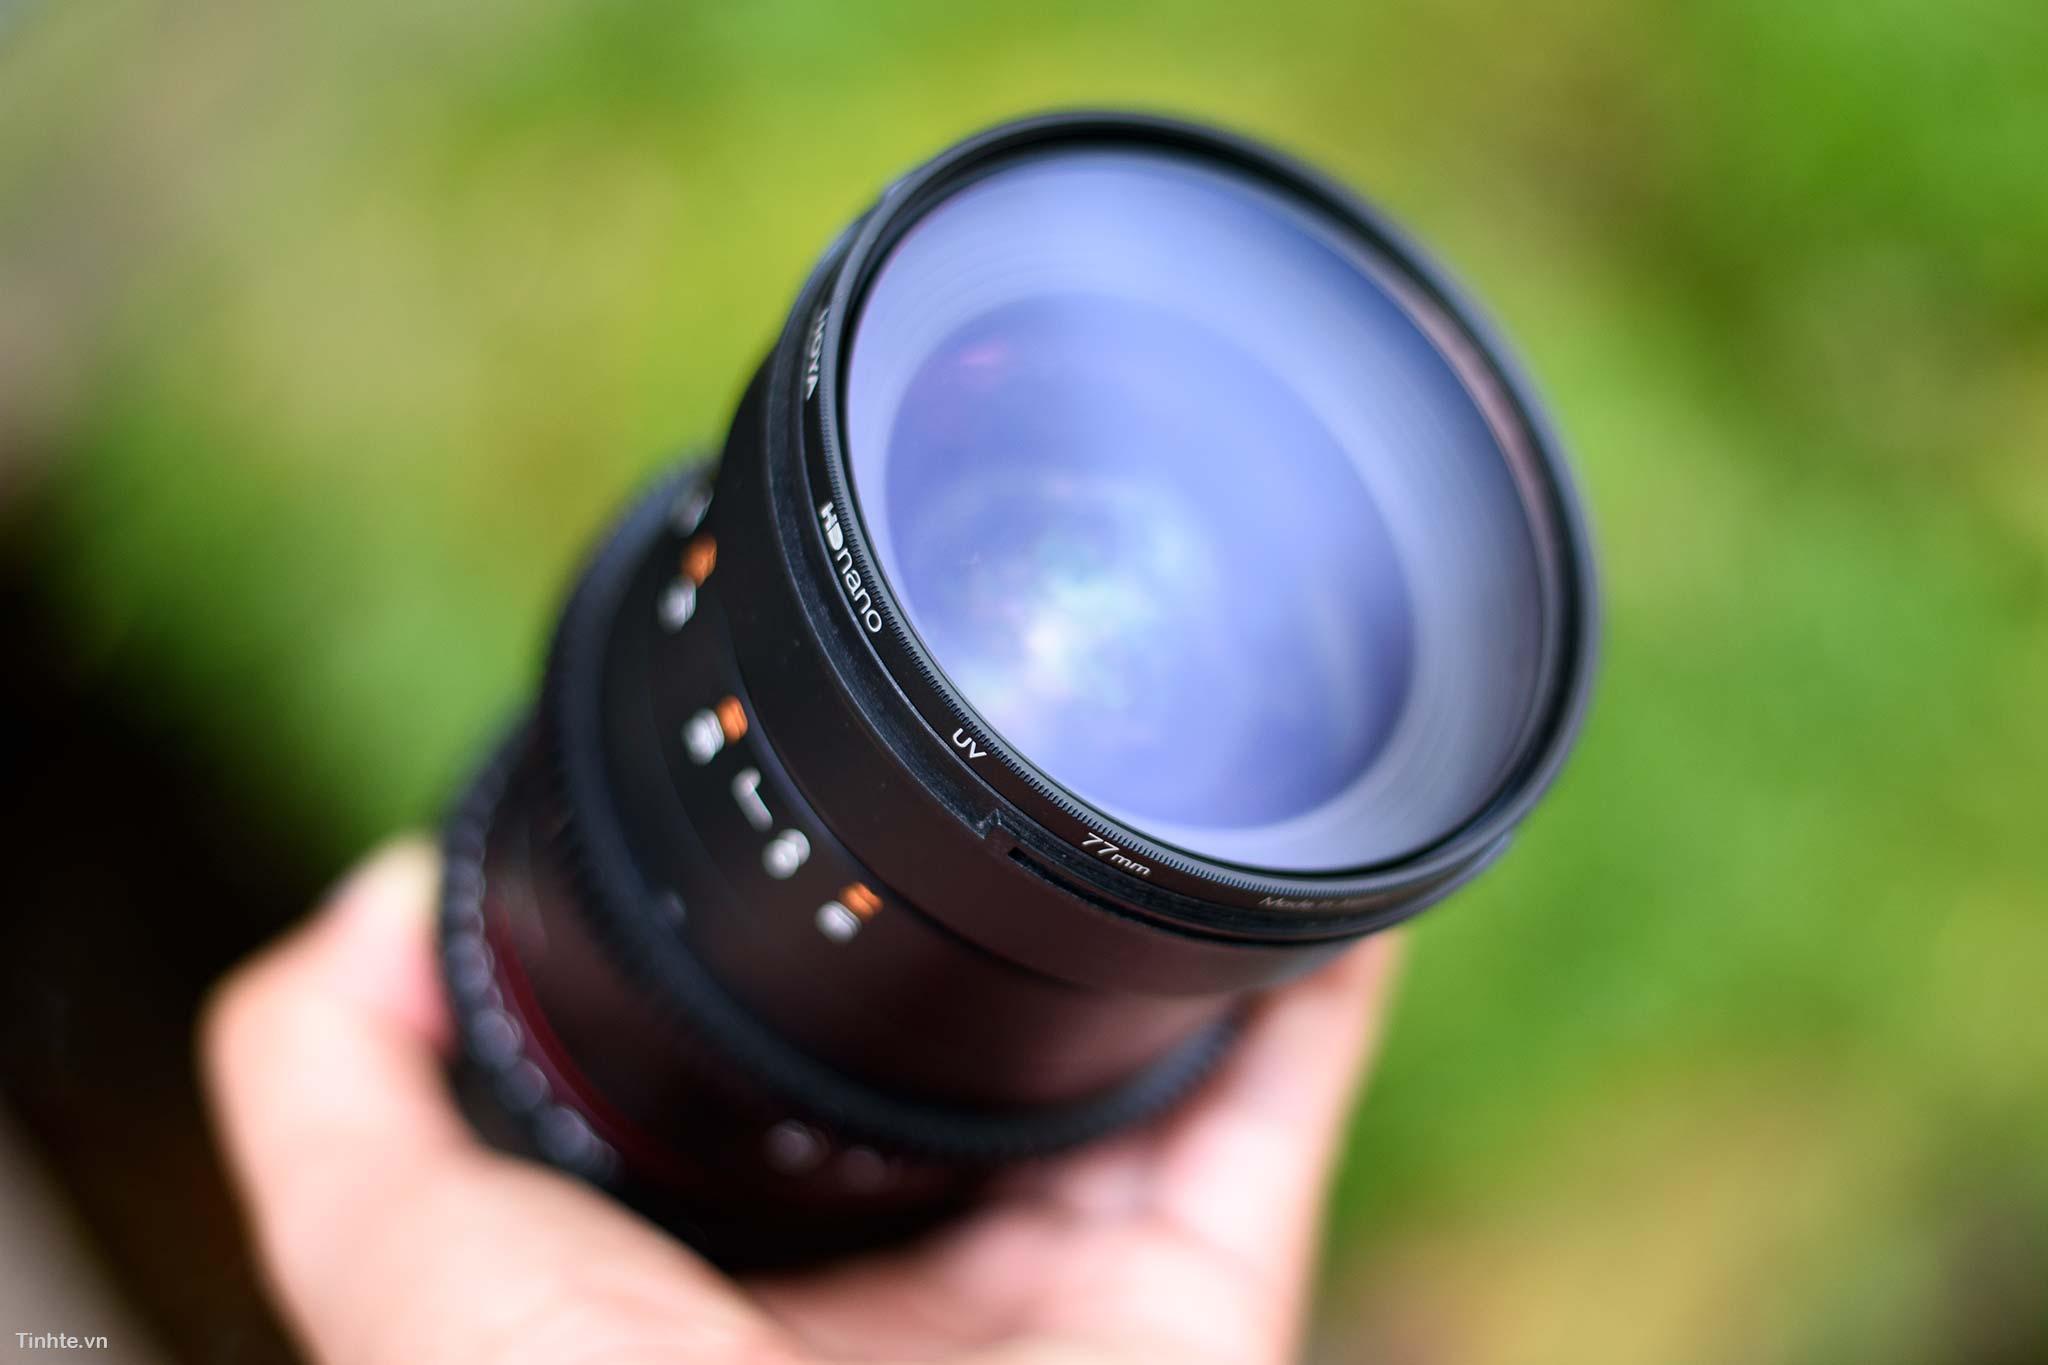 Hoya_HD_Nano_camera.tinhte.vn_08.jpg